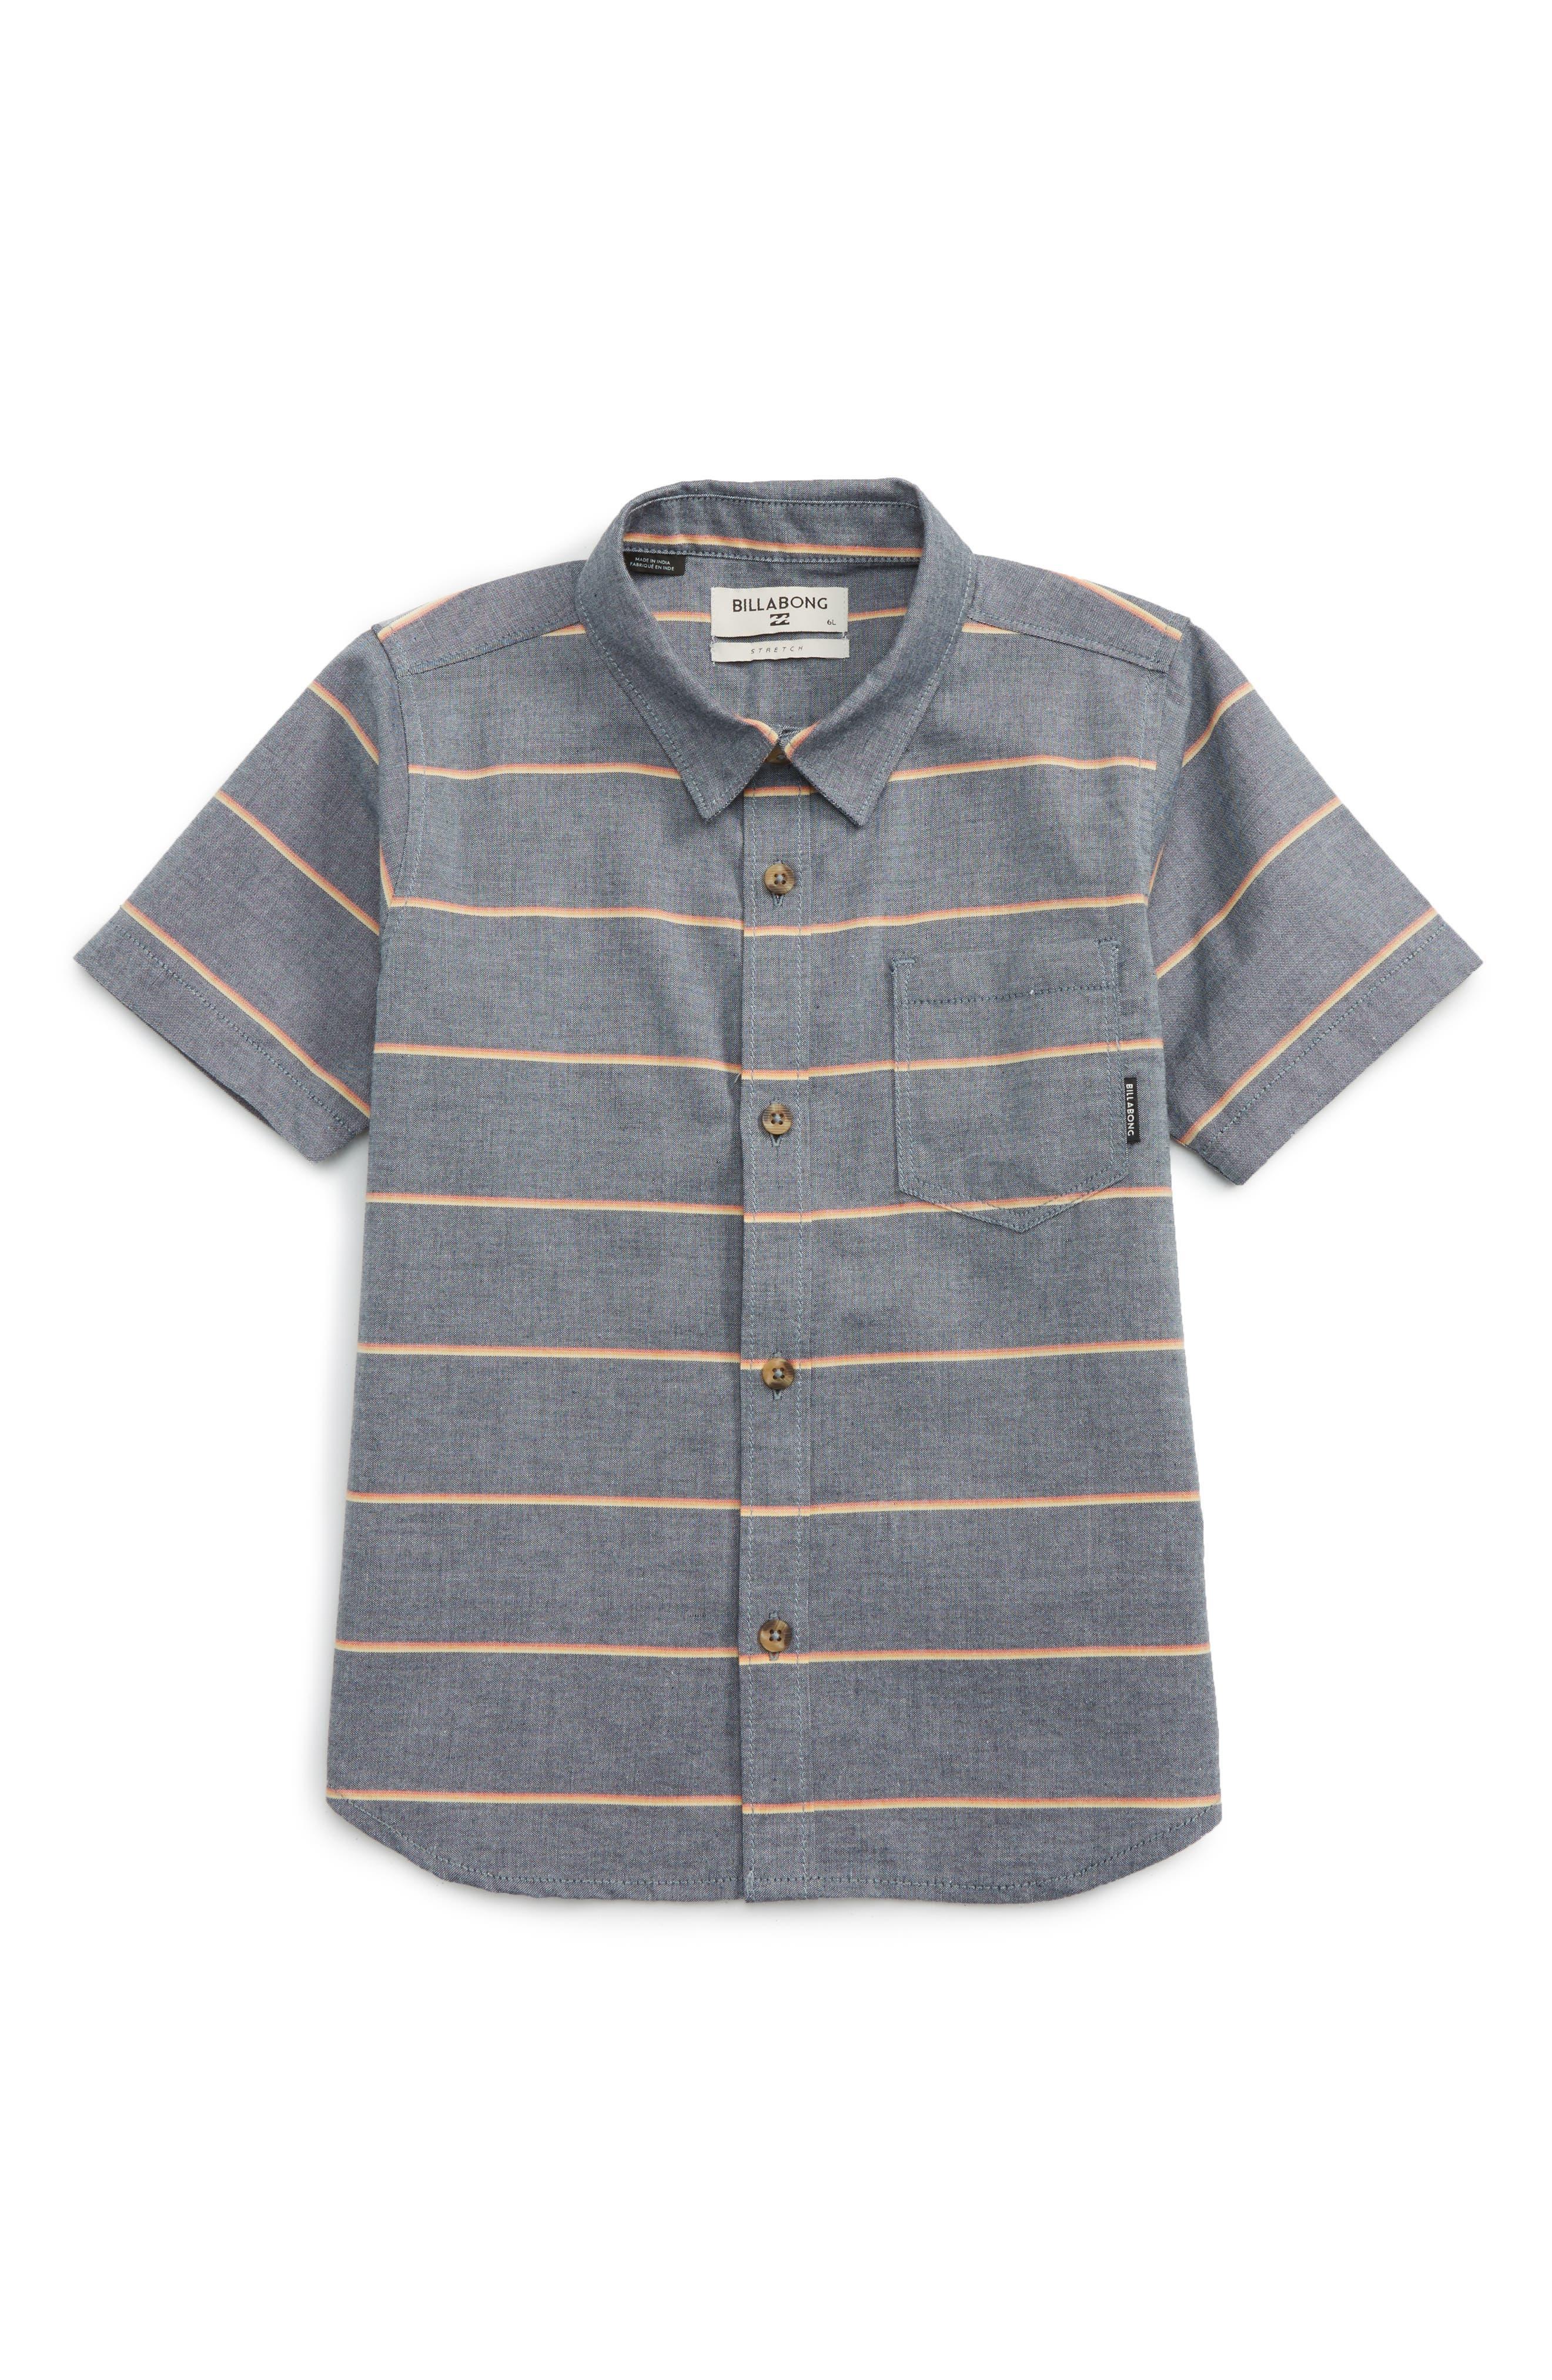 Bllabong Flat Lines Woven Shirt (Toddler Boys & Little Boys)